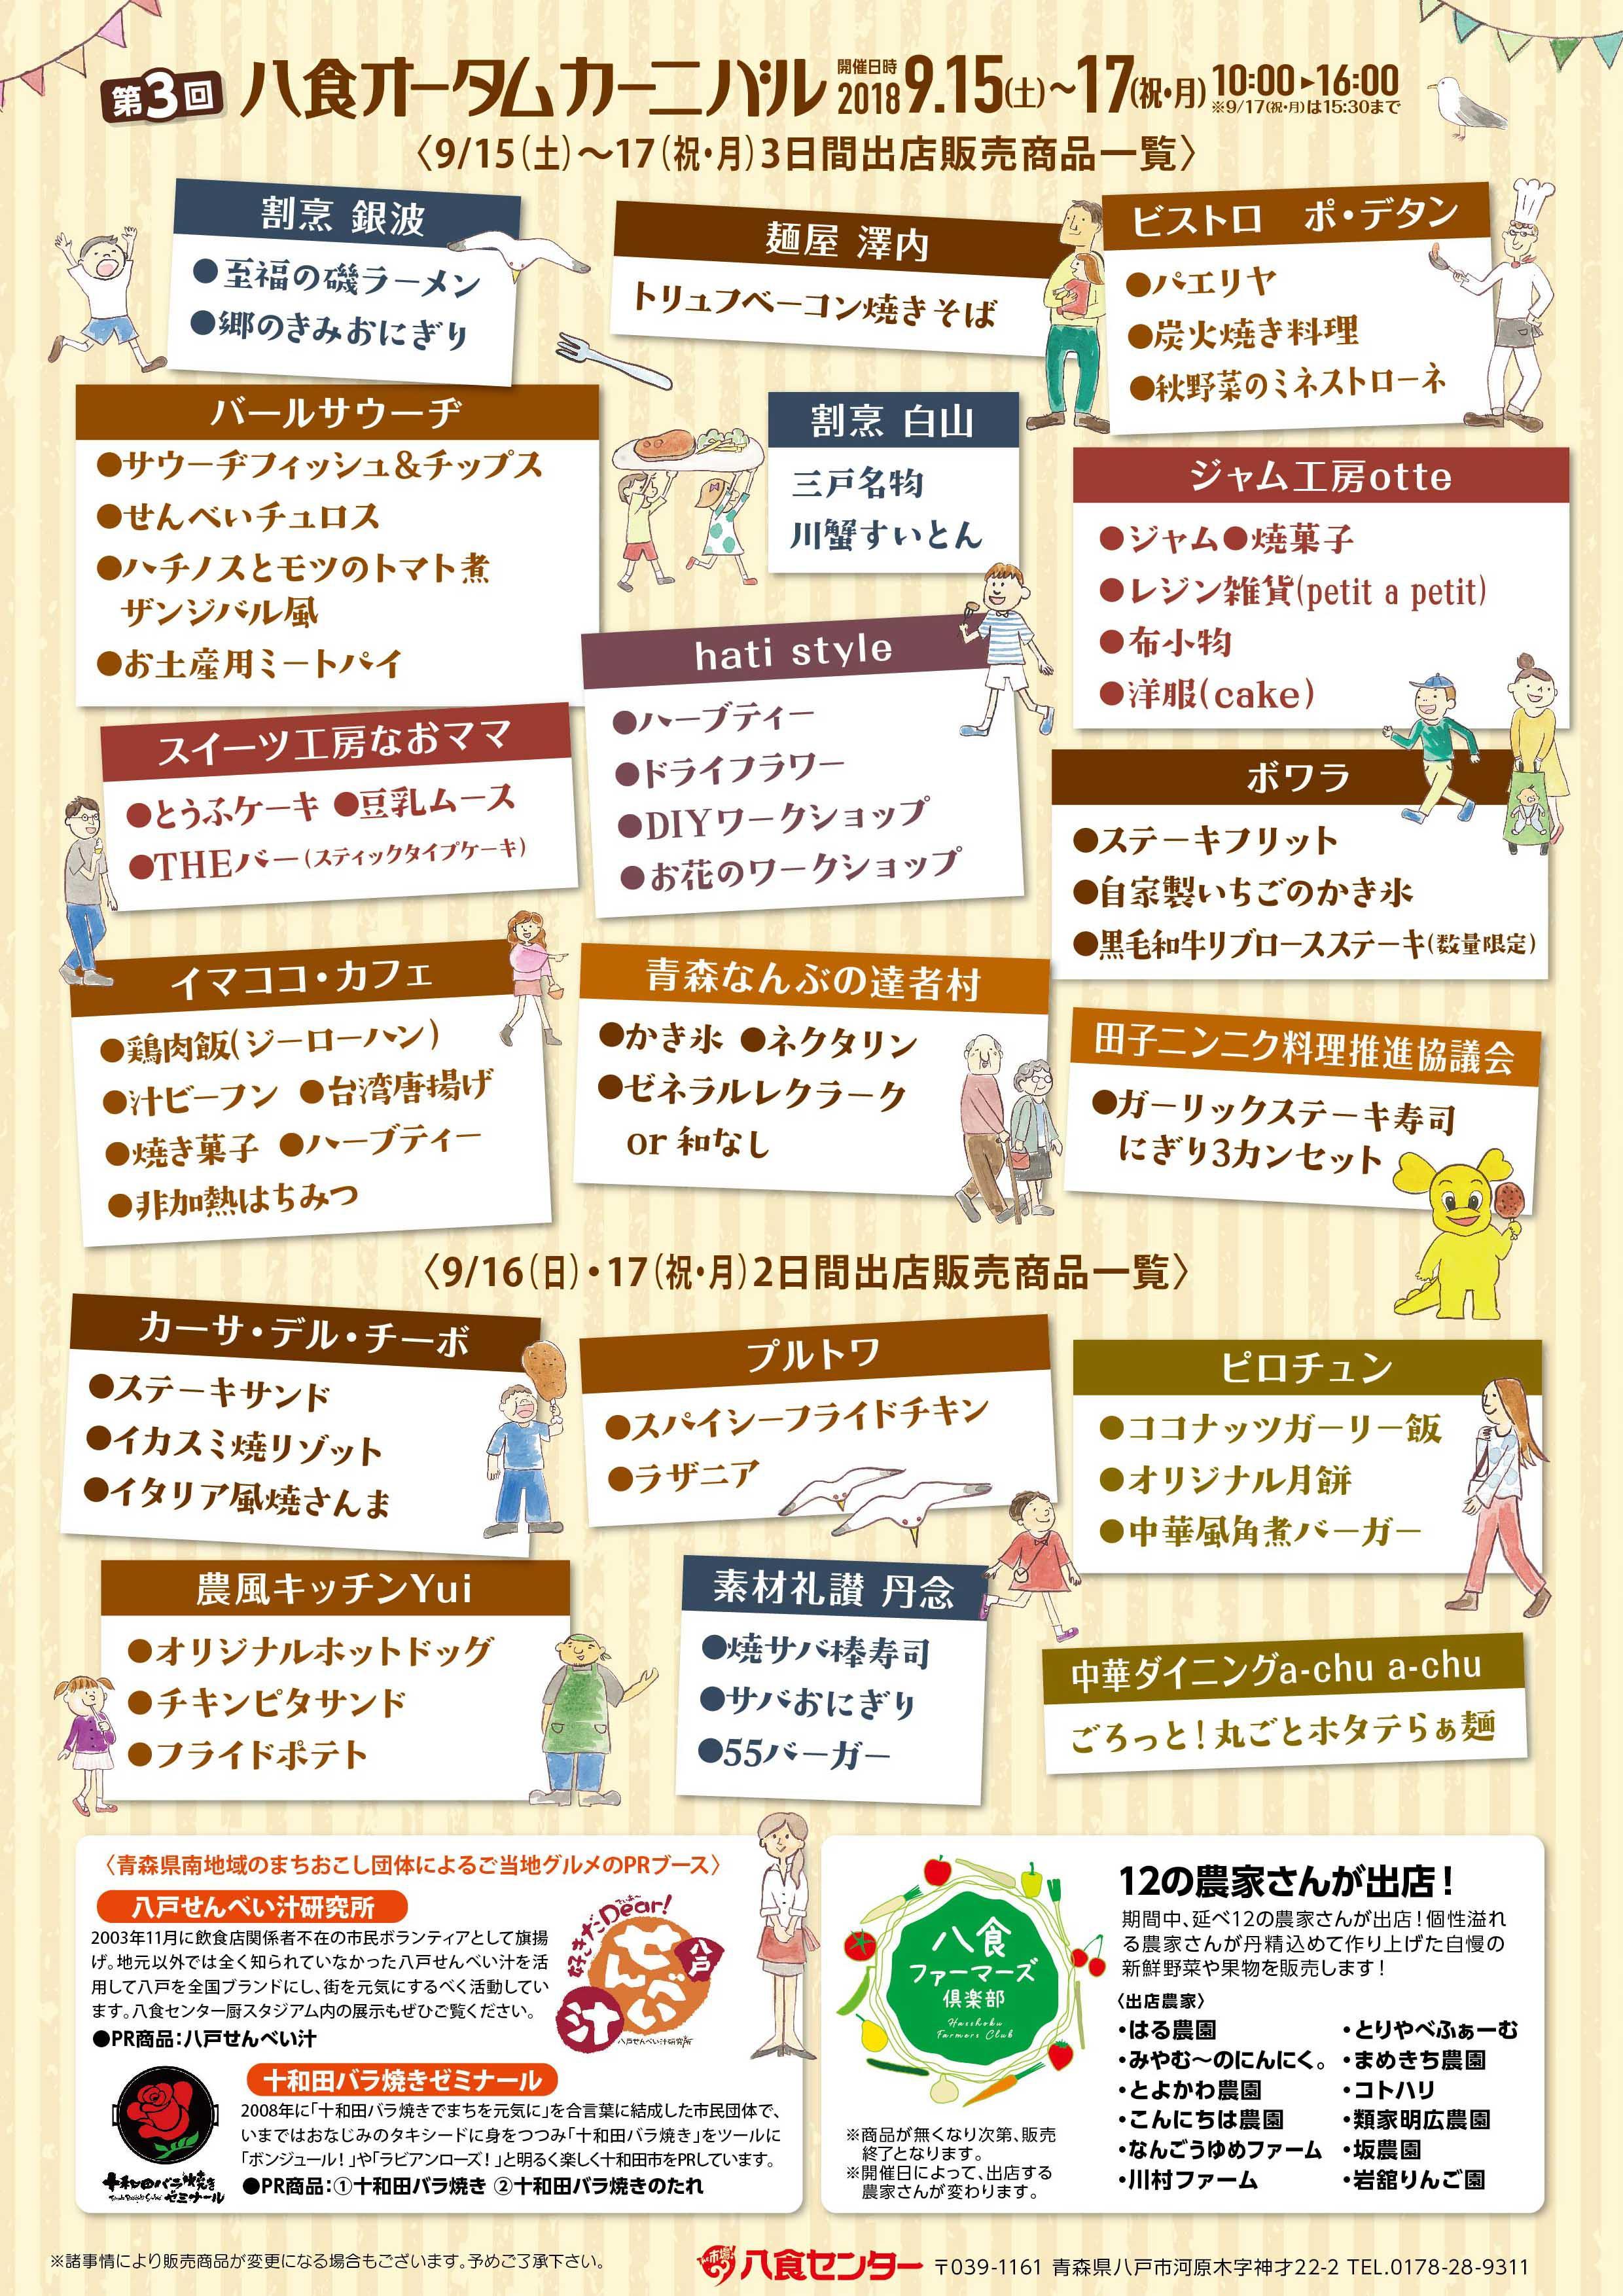 第3回八食オータムカーニバル 出店者販売品目発表!